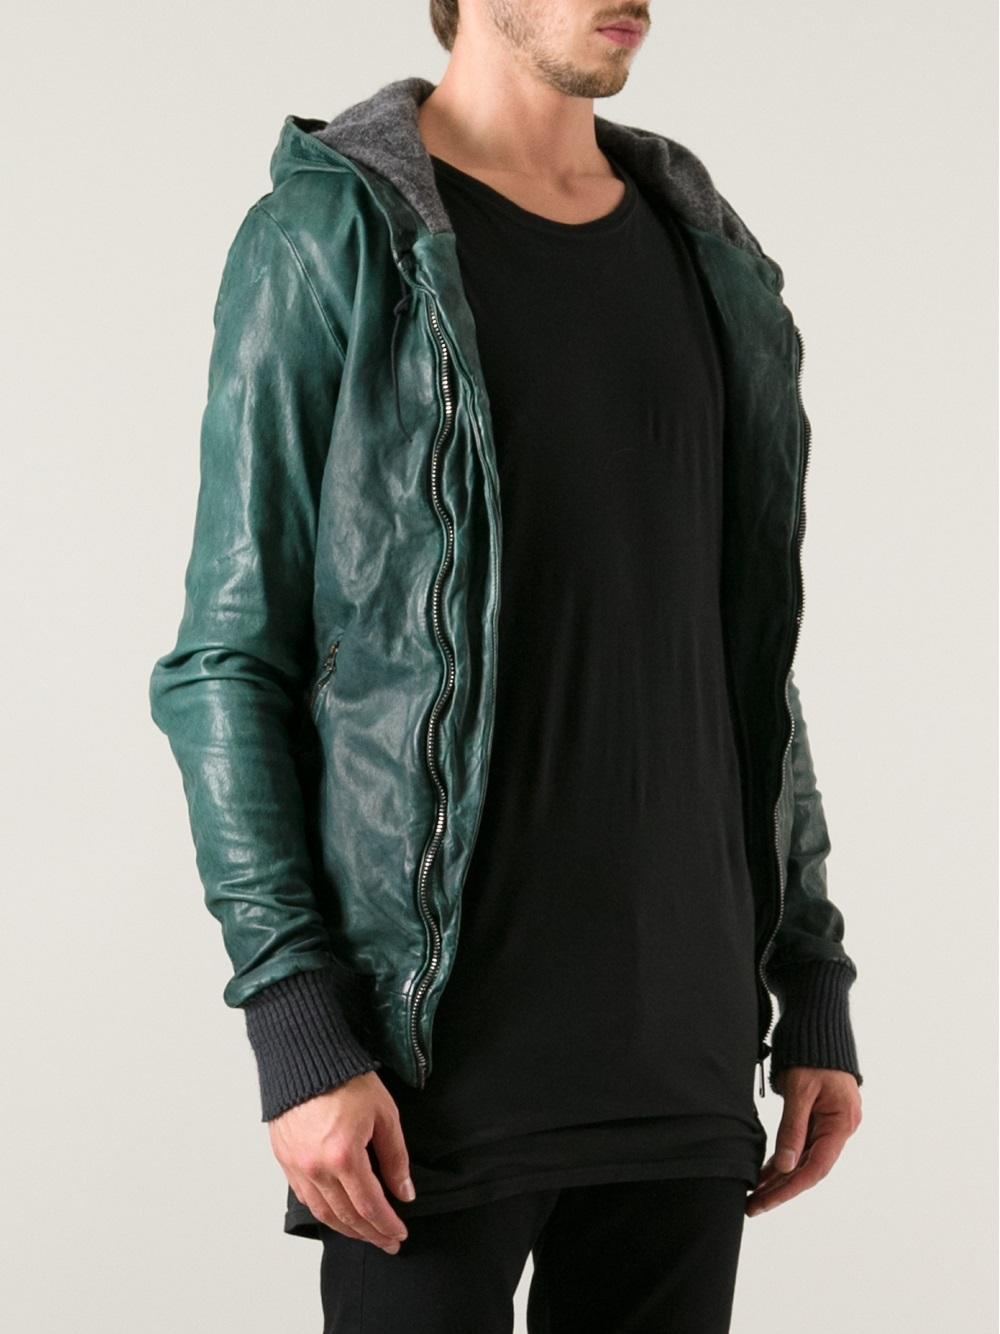 Leather Brato Noir Fitted Giorgio Jacket Wcfxaqncfw pwzqZ6I